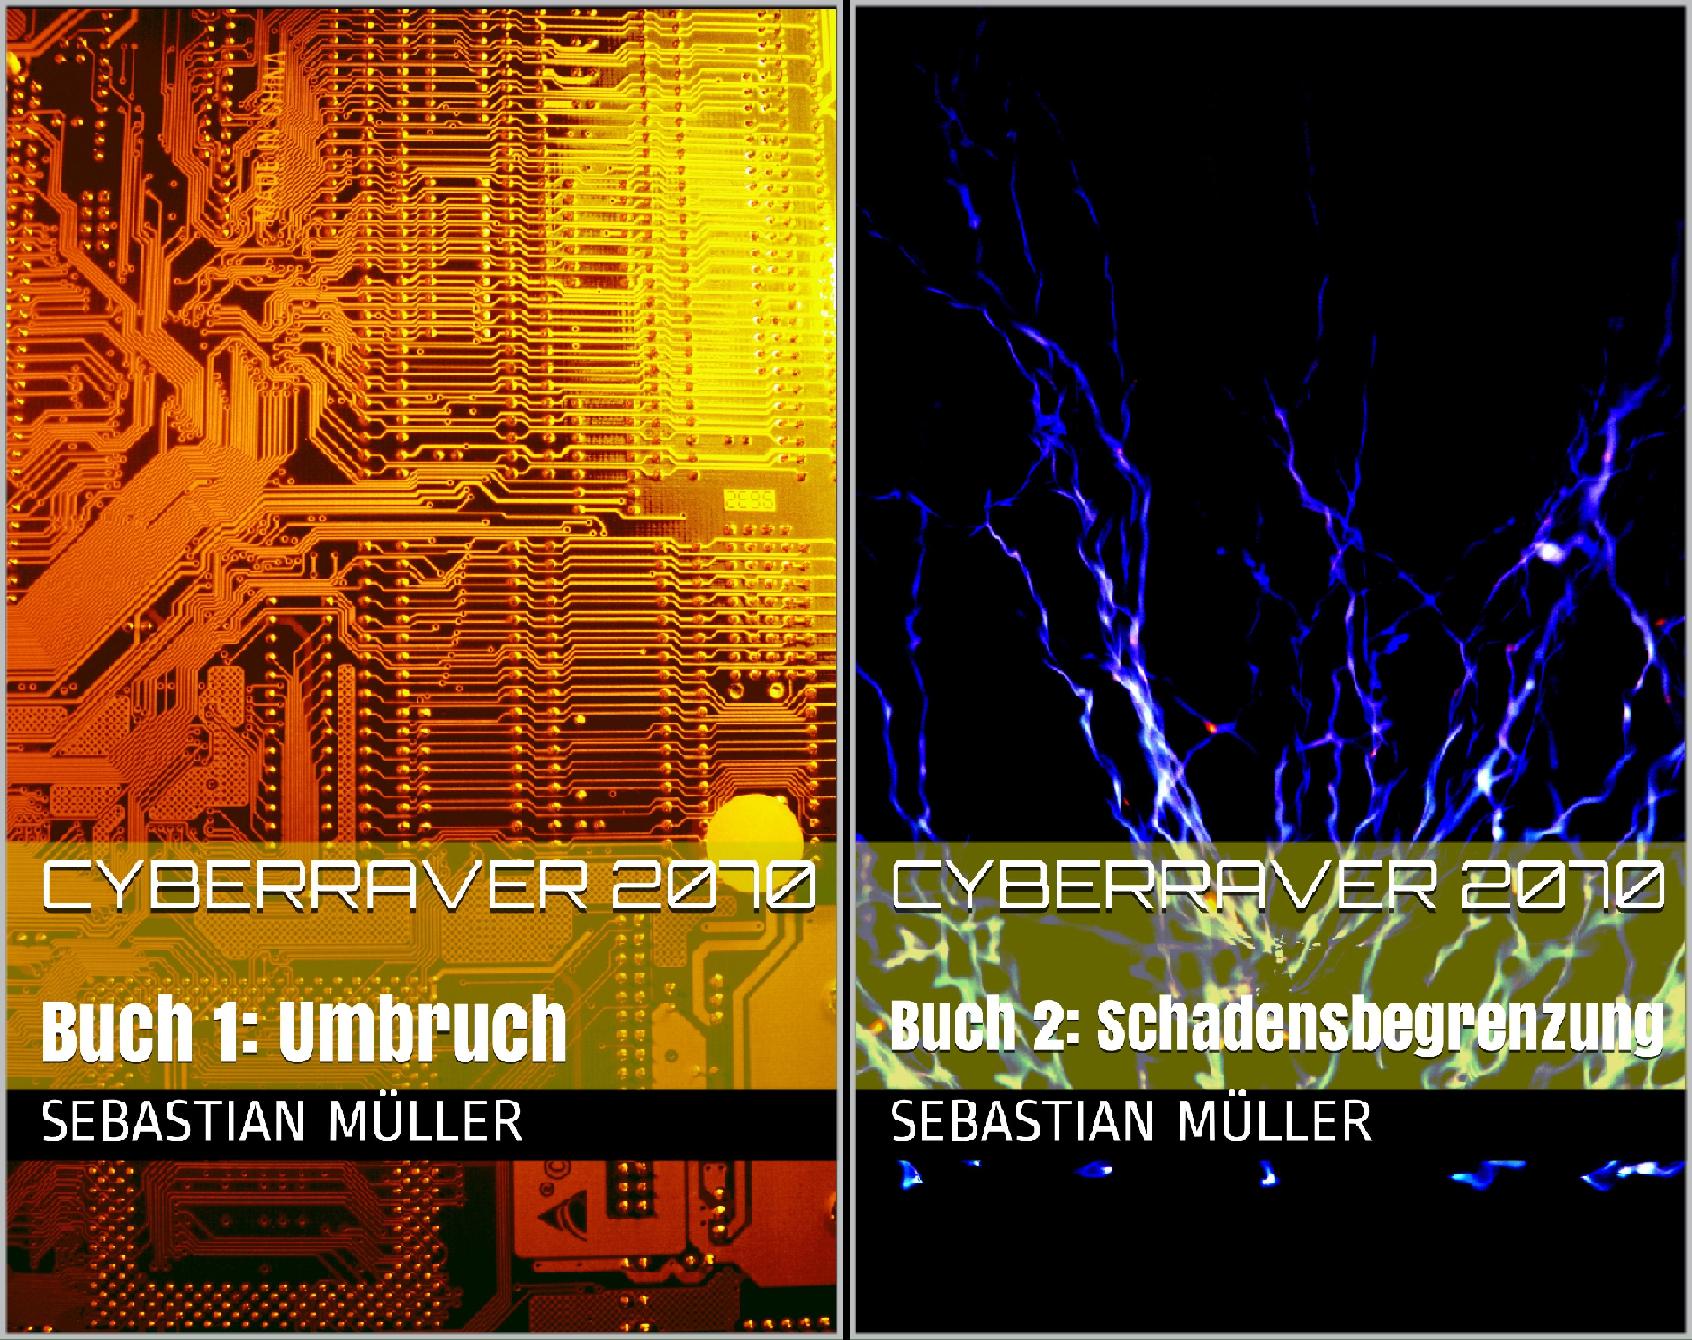 Cyberraver 2070 (Reihe in 2 Bänden)